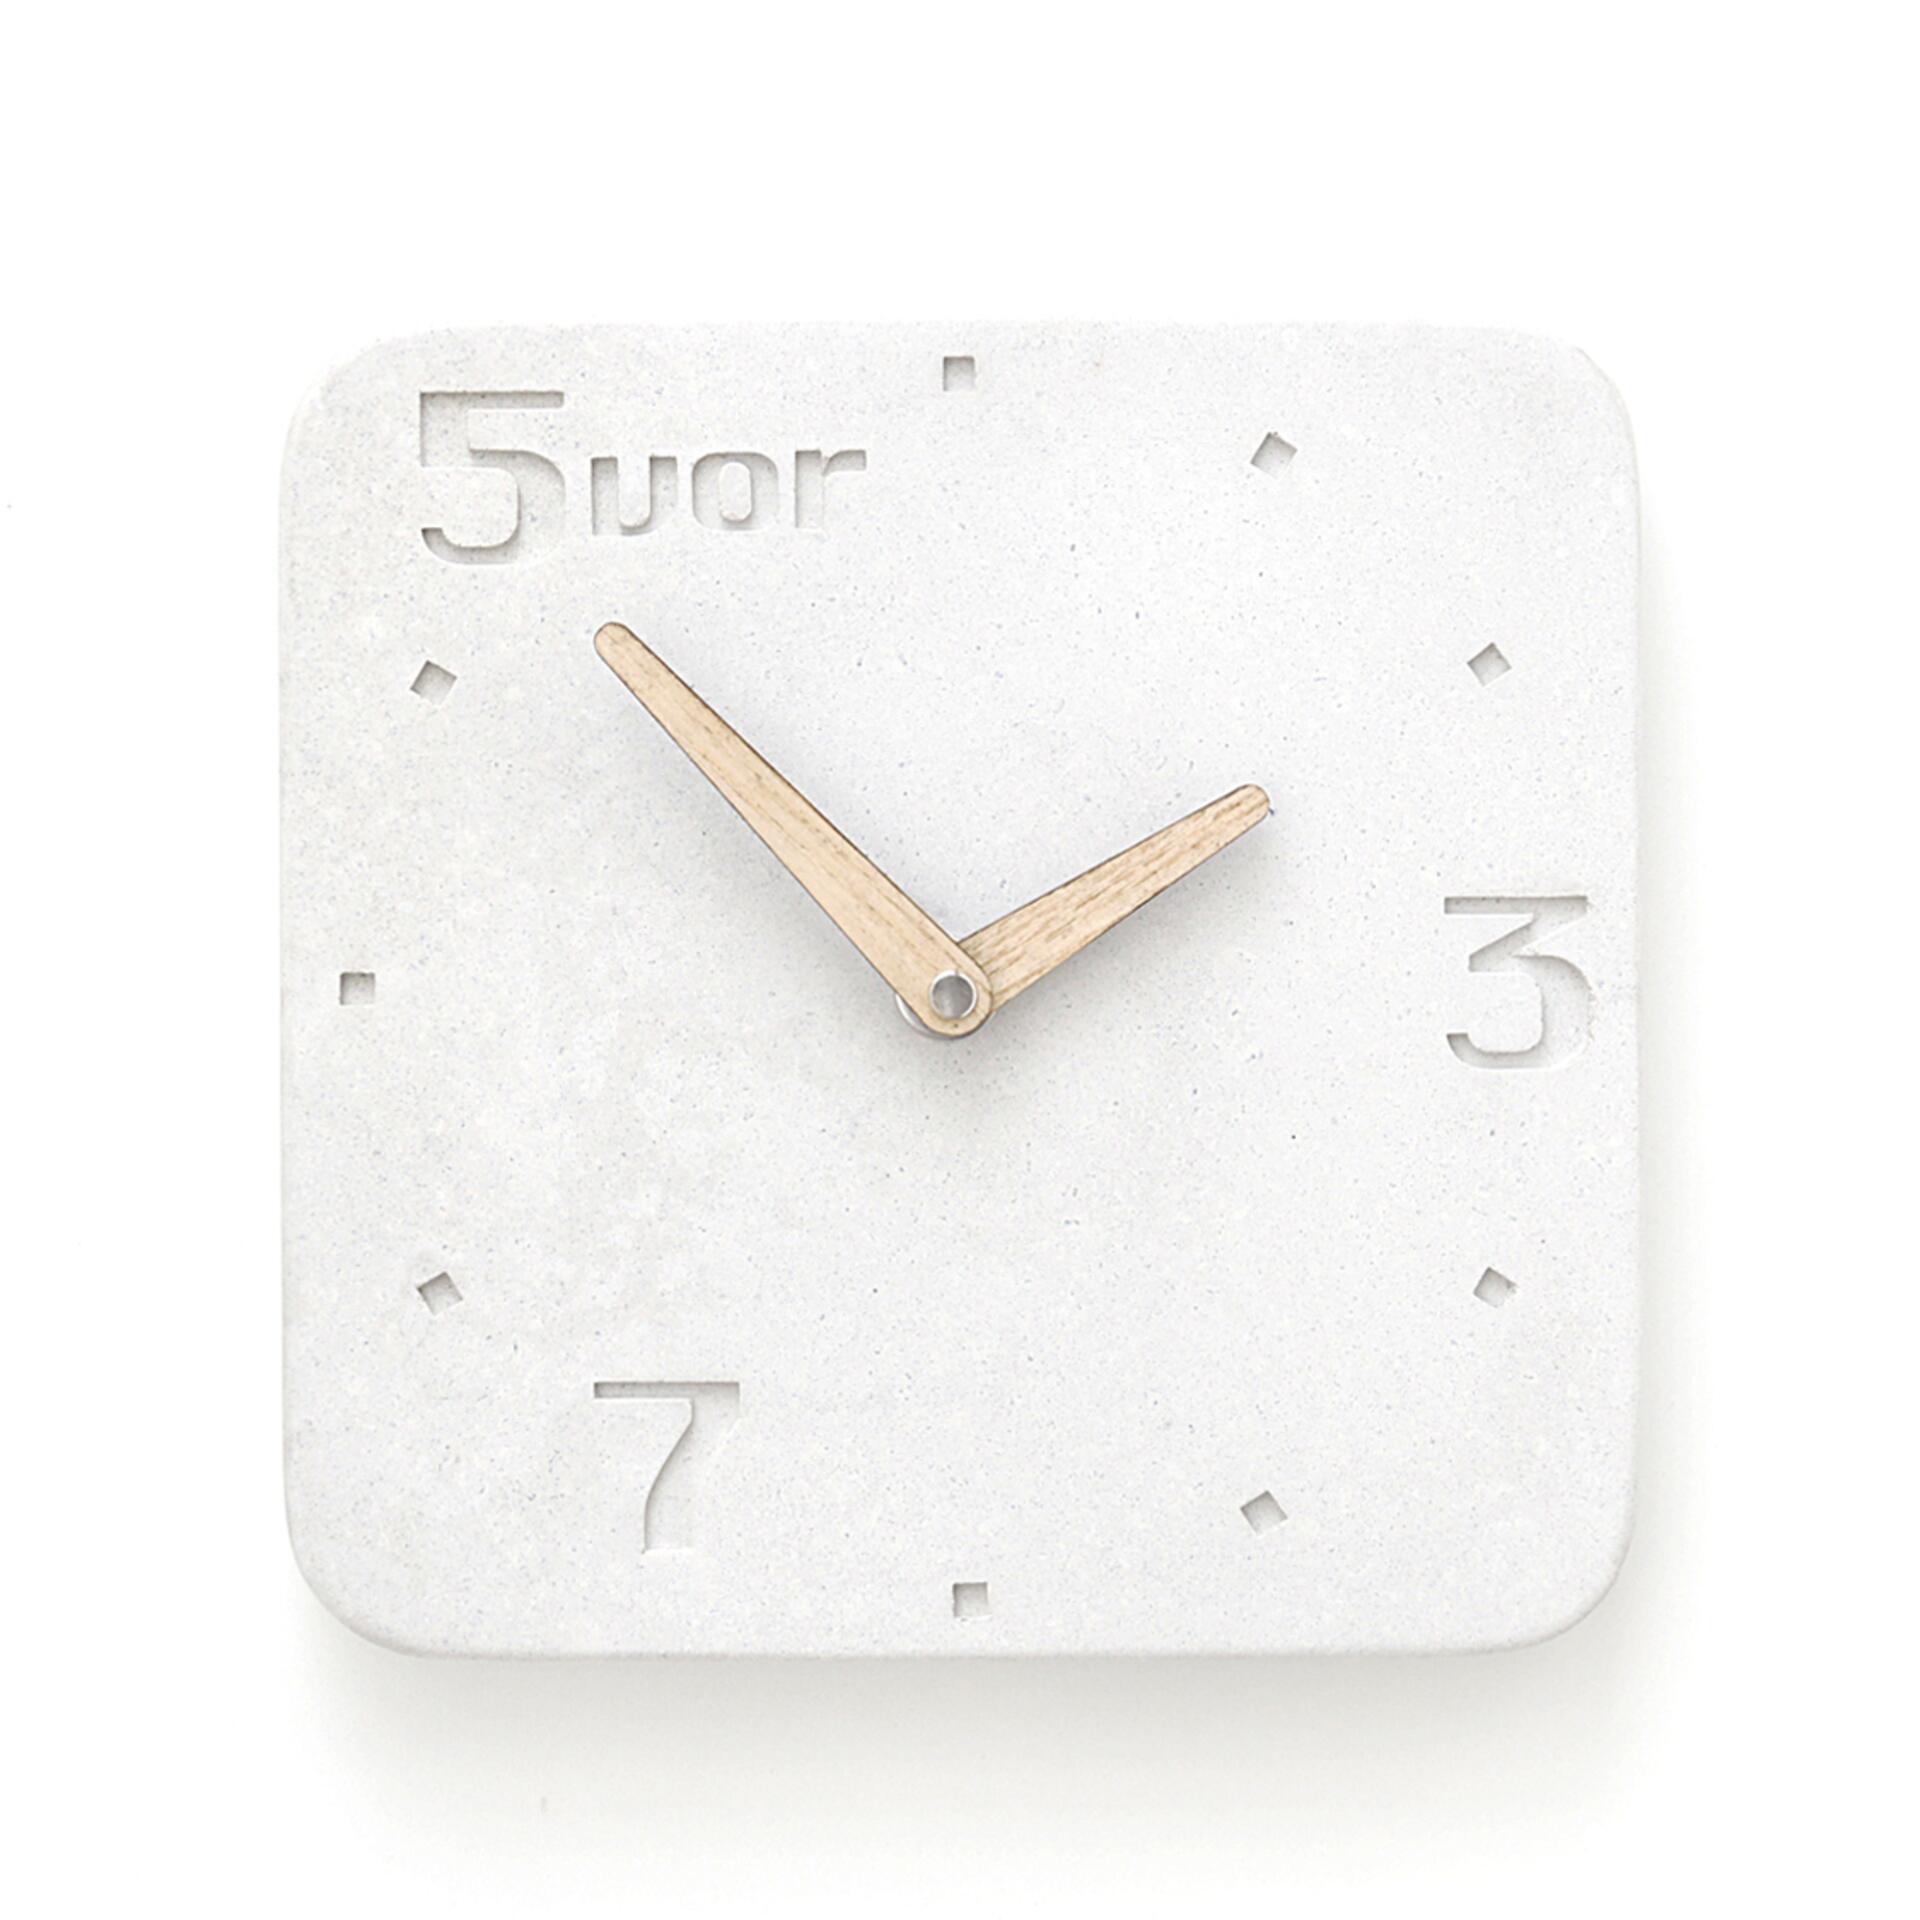 Wertwerke Betonuhr 5VOR Weiß 38 x 38 cm Esche Vollflächig